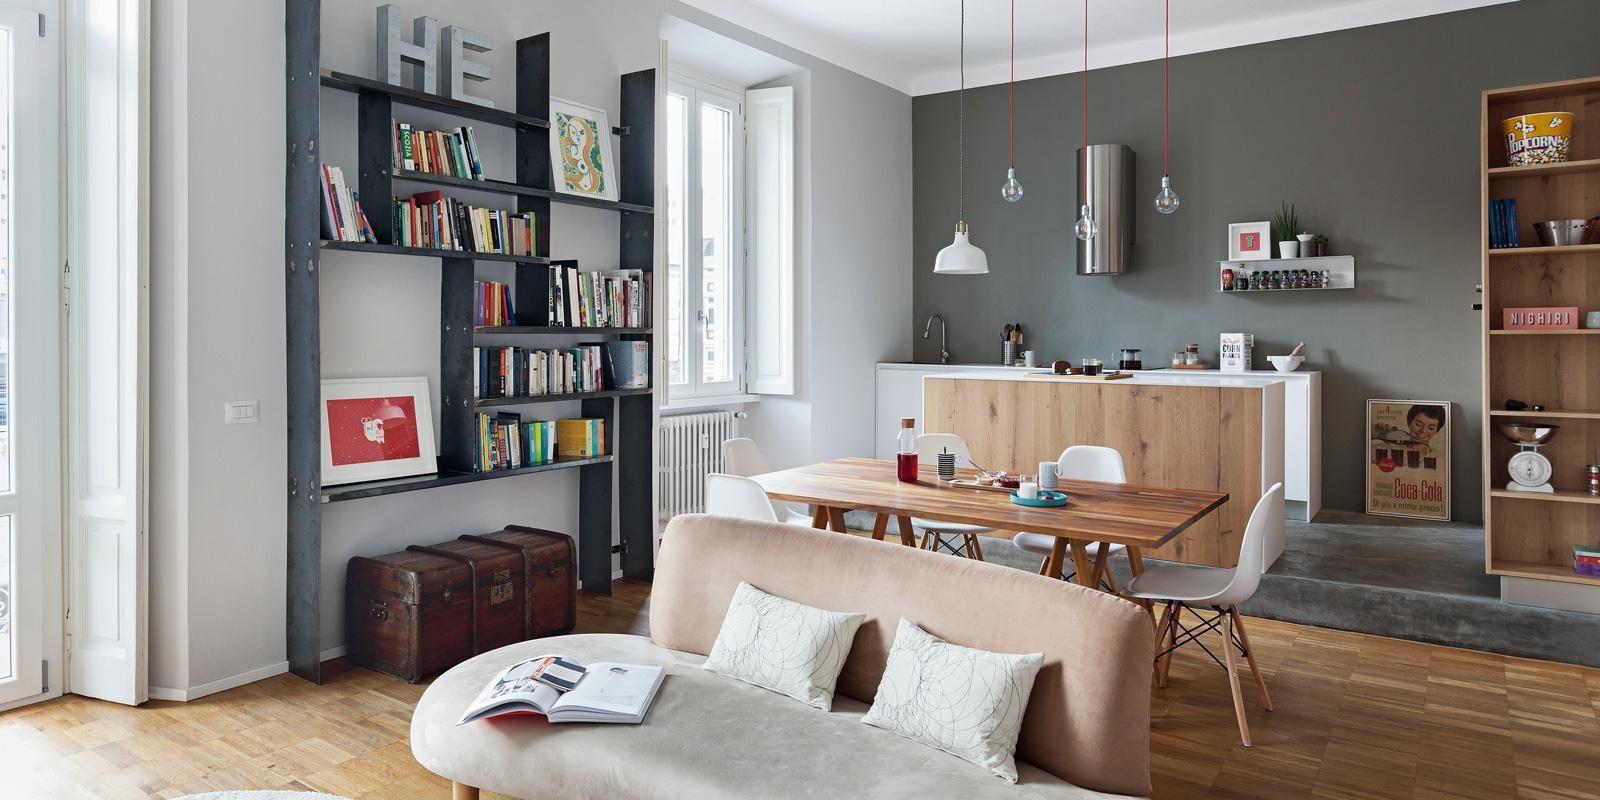 Abitazione da single 63 mq con un blocco multifunzione for Idee appartamento